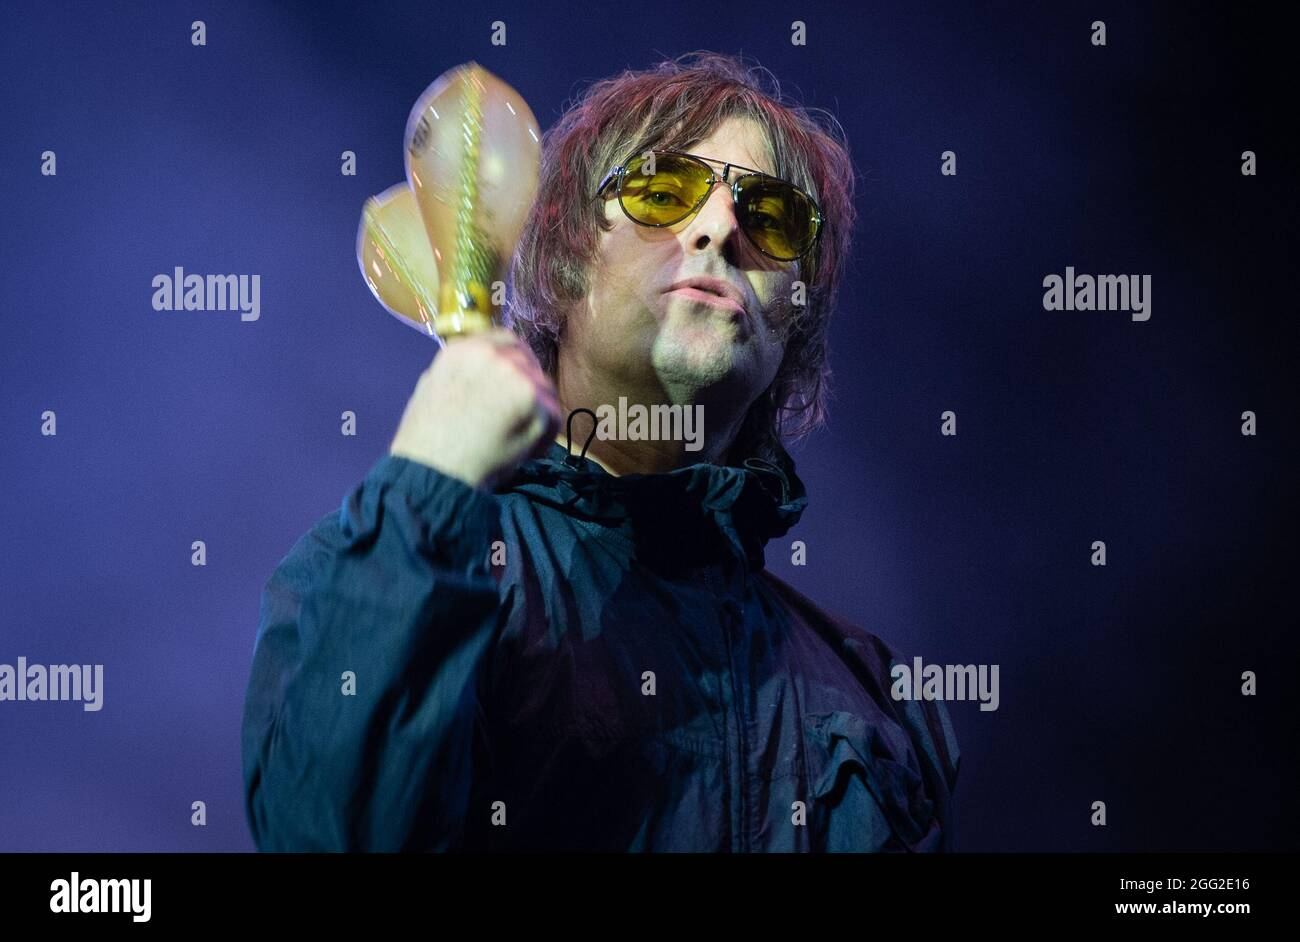 Leeds, Großbritannien, 27. August 2021. Im Bild Liam Gallagher beim Leeds Festival. Kredit Katja Ogrin/Alamy Stockfoto